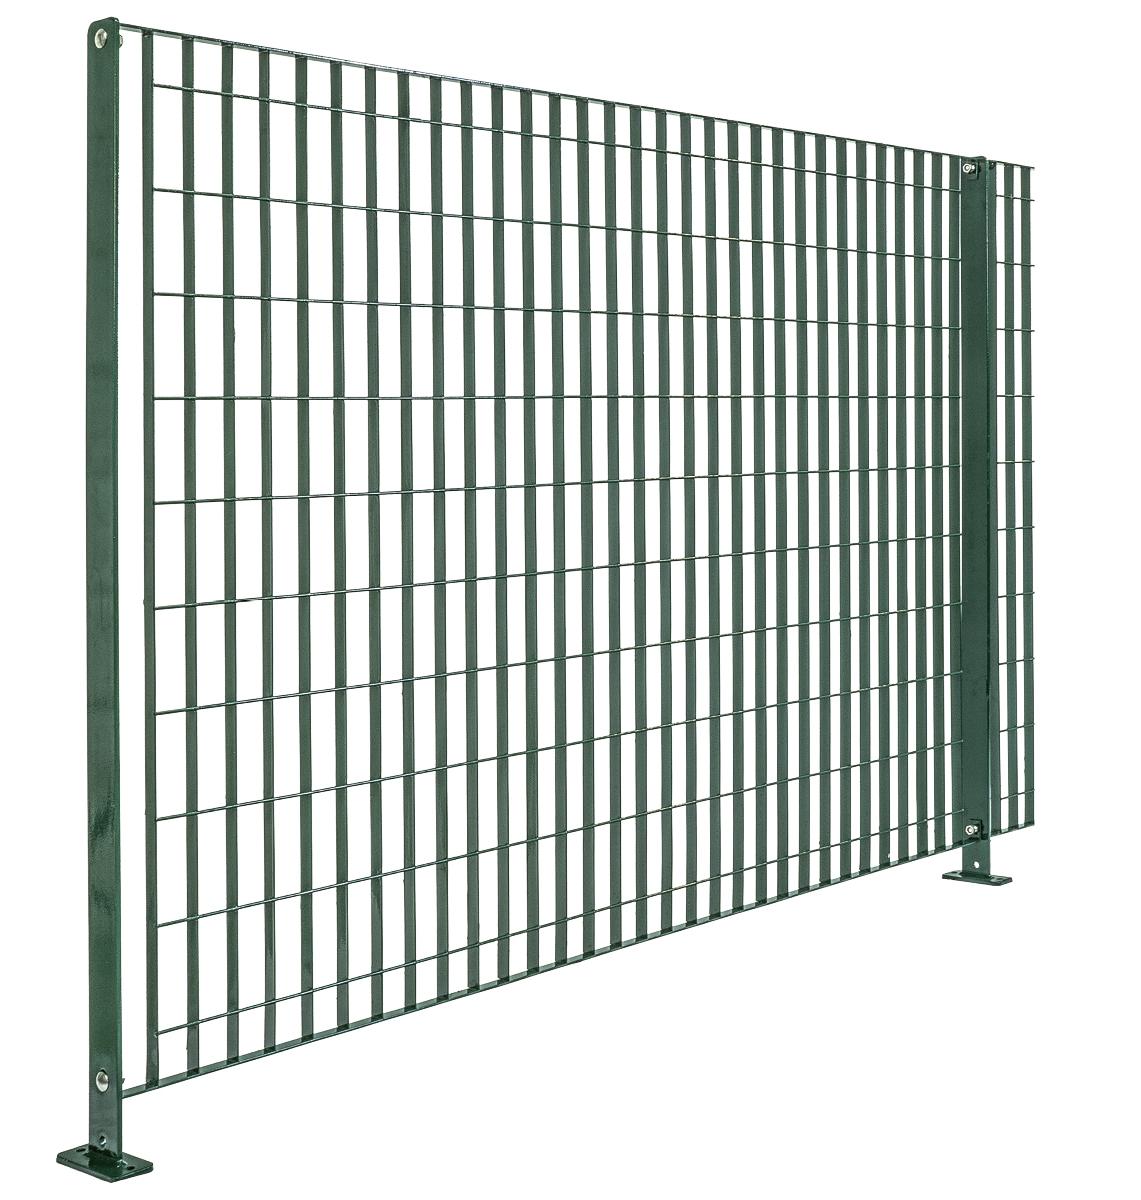 Defim orsogril recinzioni in grigliato sterope 2 for Staccionata dwg